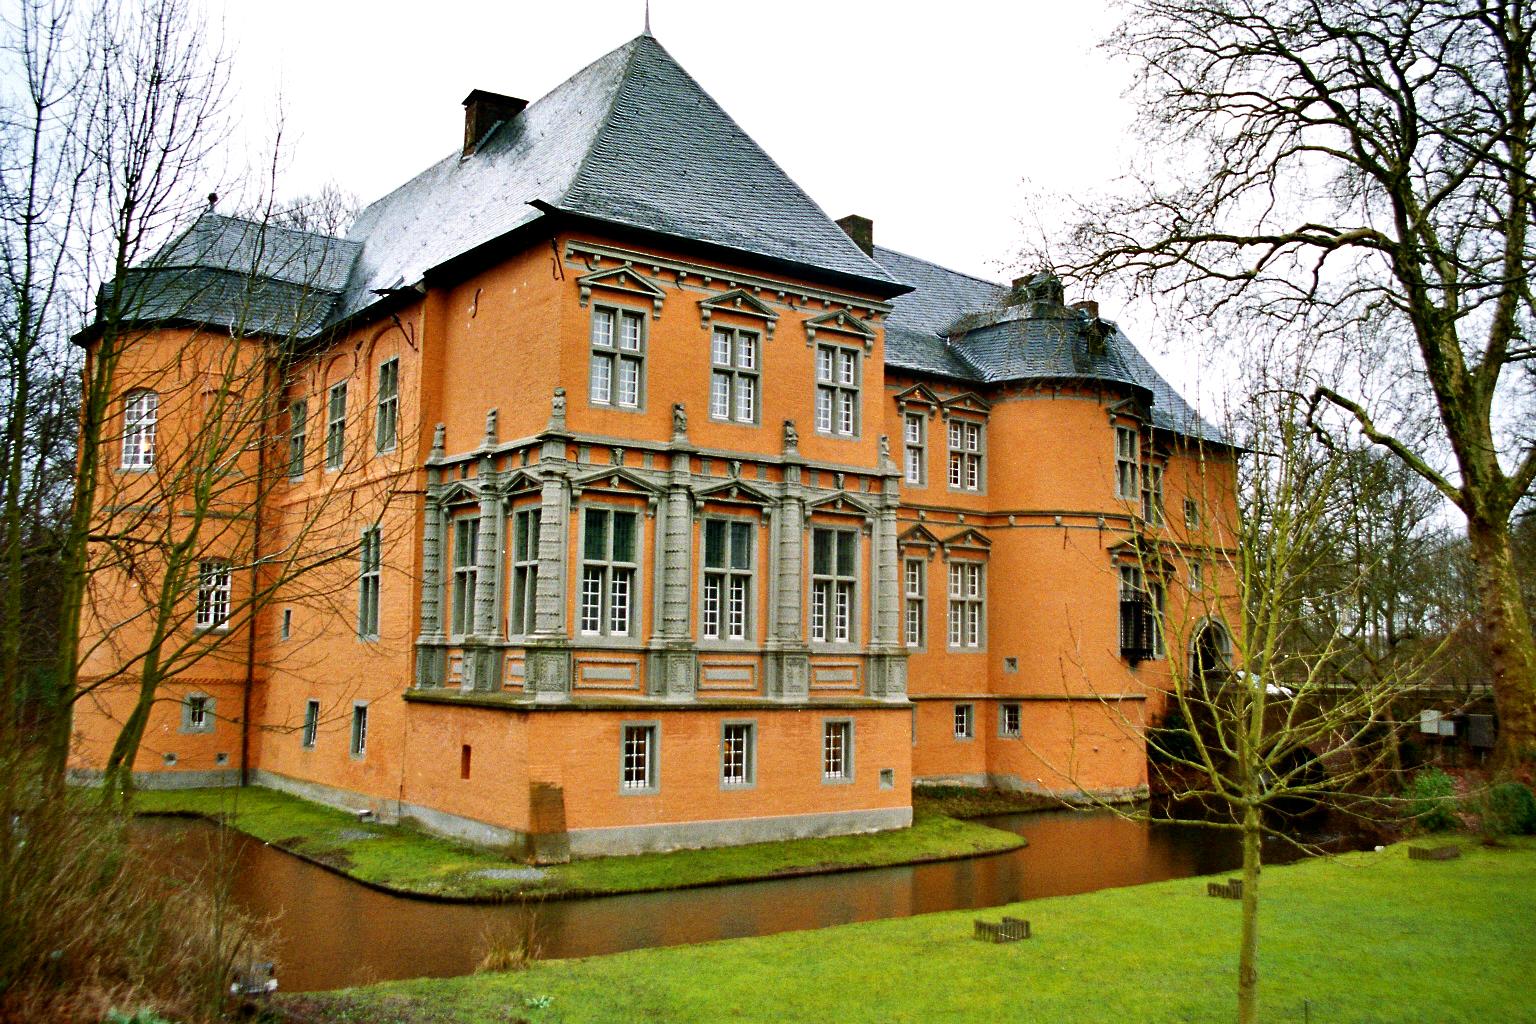 Billedresultat for Herrenhaus von Schloss Rheydt